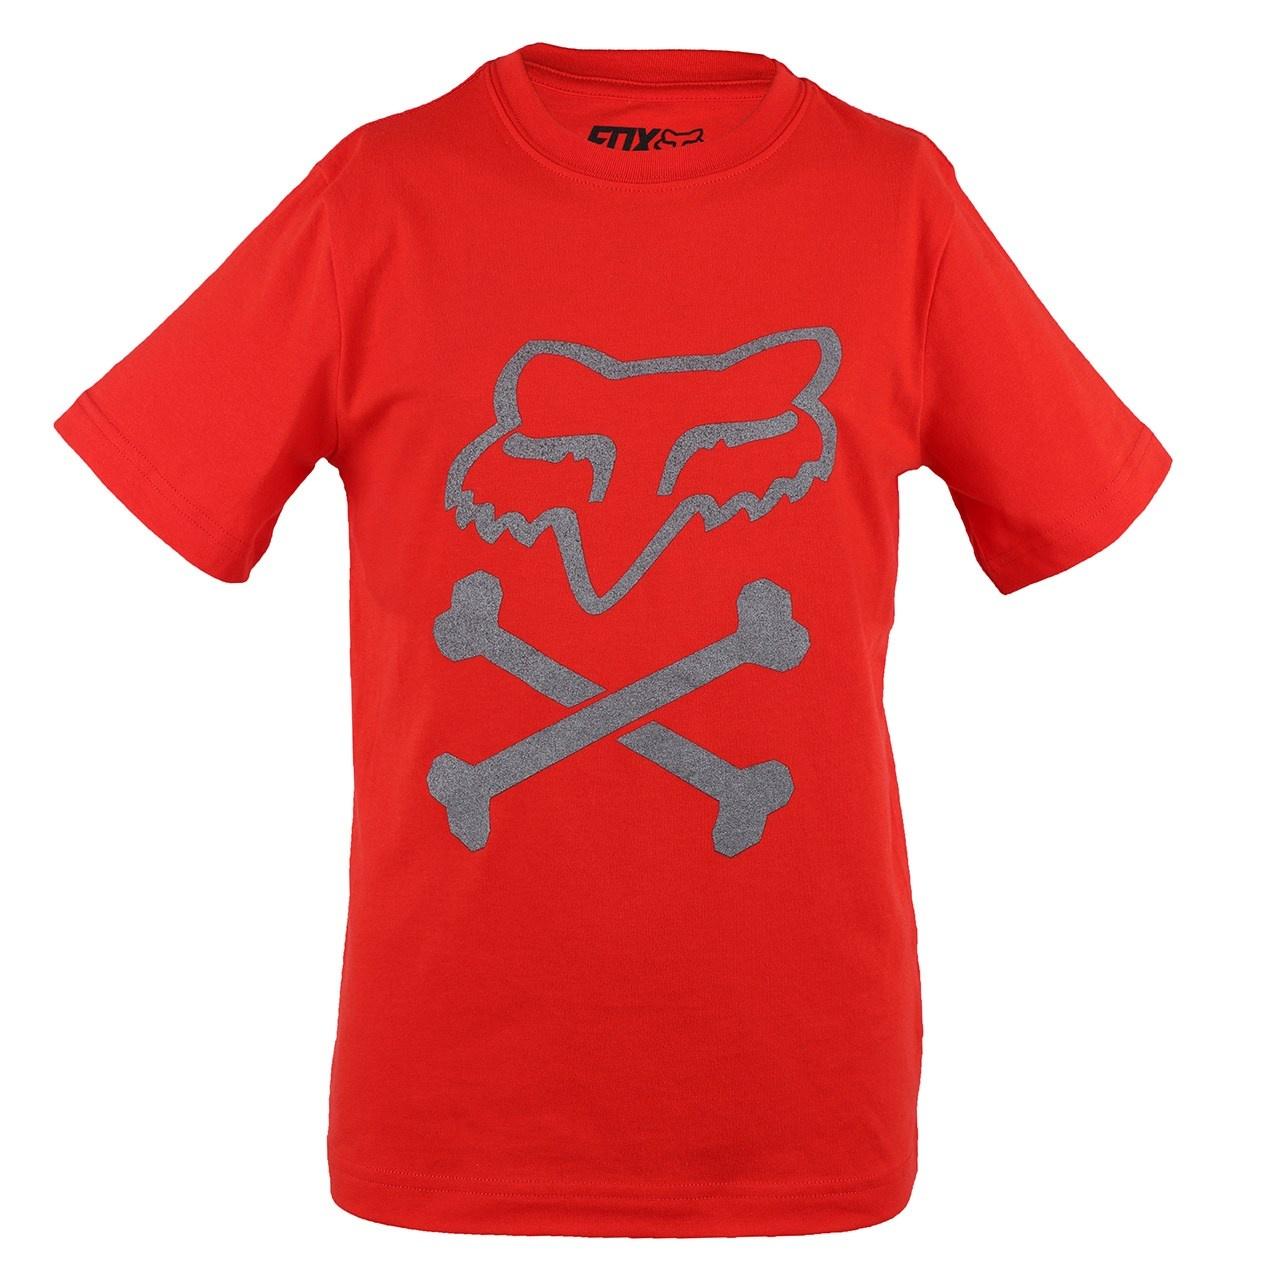 تی شرت آستین کوتاه بچگانه فاکس مدل Lansing